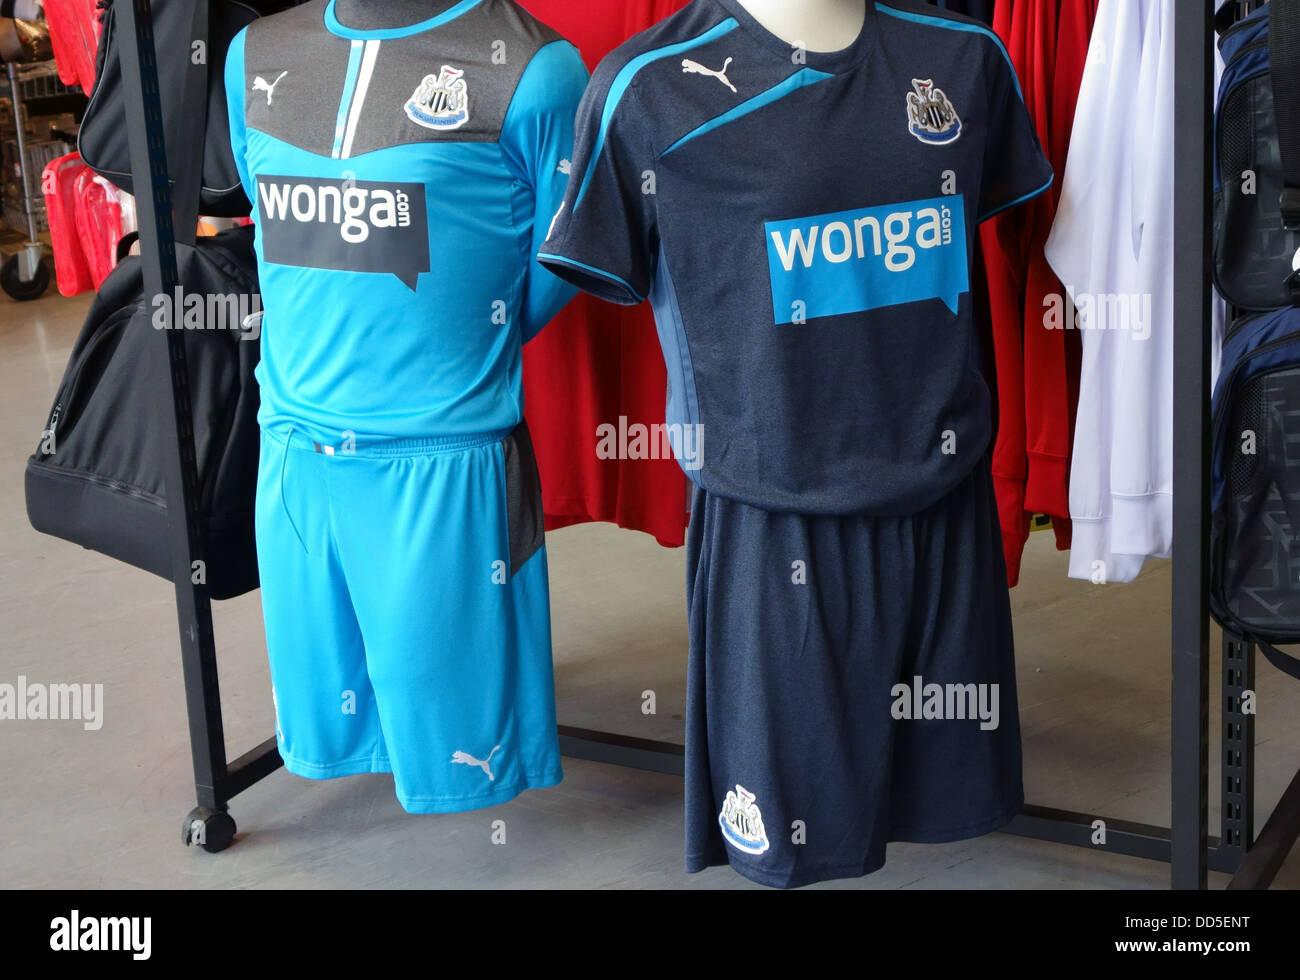 the best attitude 2ab6c 7381b Newcastle United football shirts with Wonga sponsorship on ...